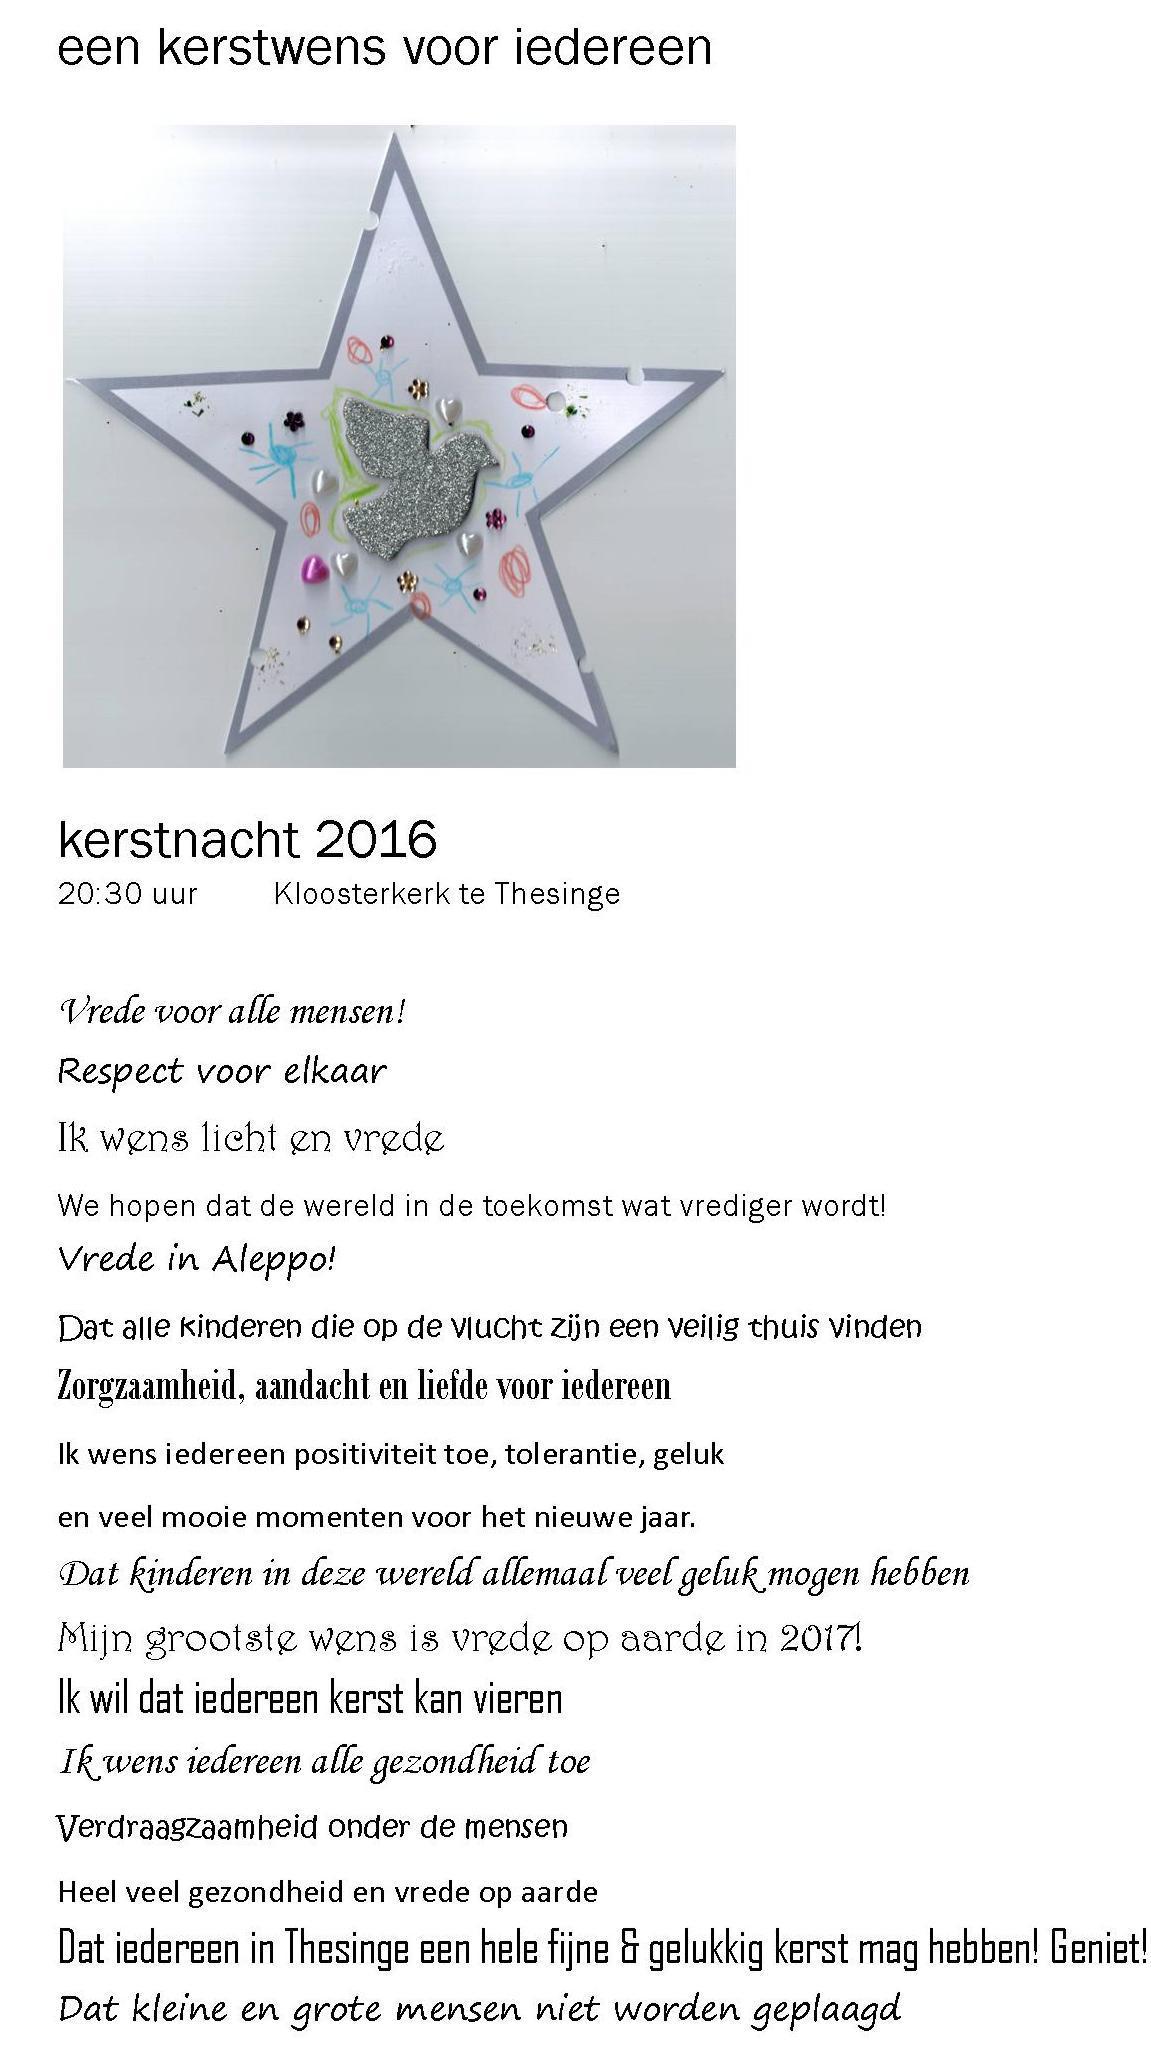 http://www.thesinge.com/pkn/files/kerstnacht.jpg